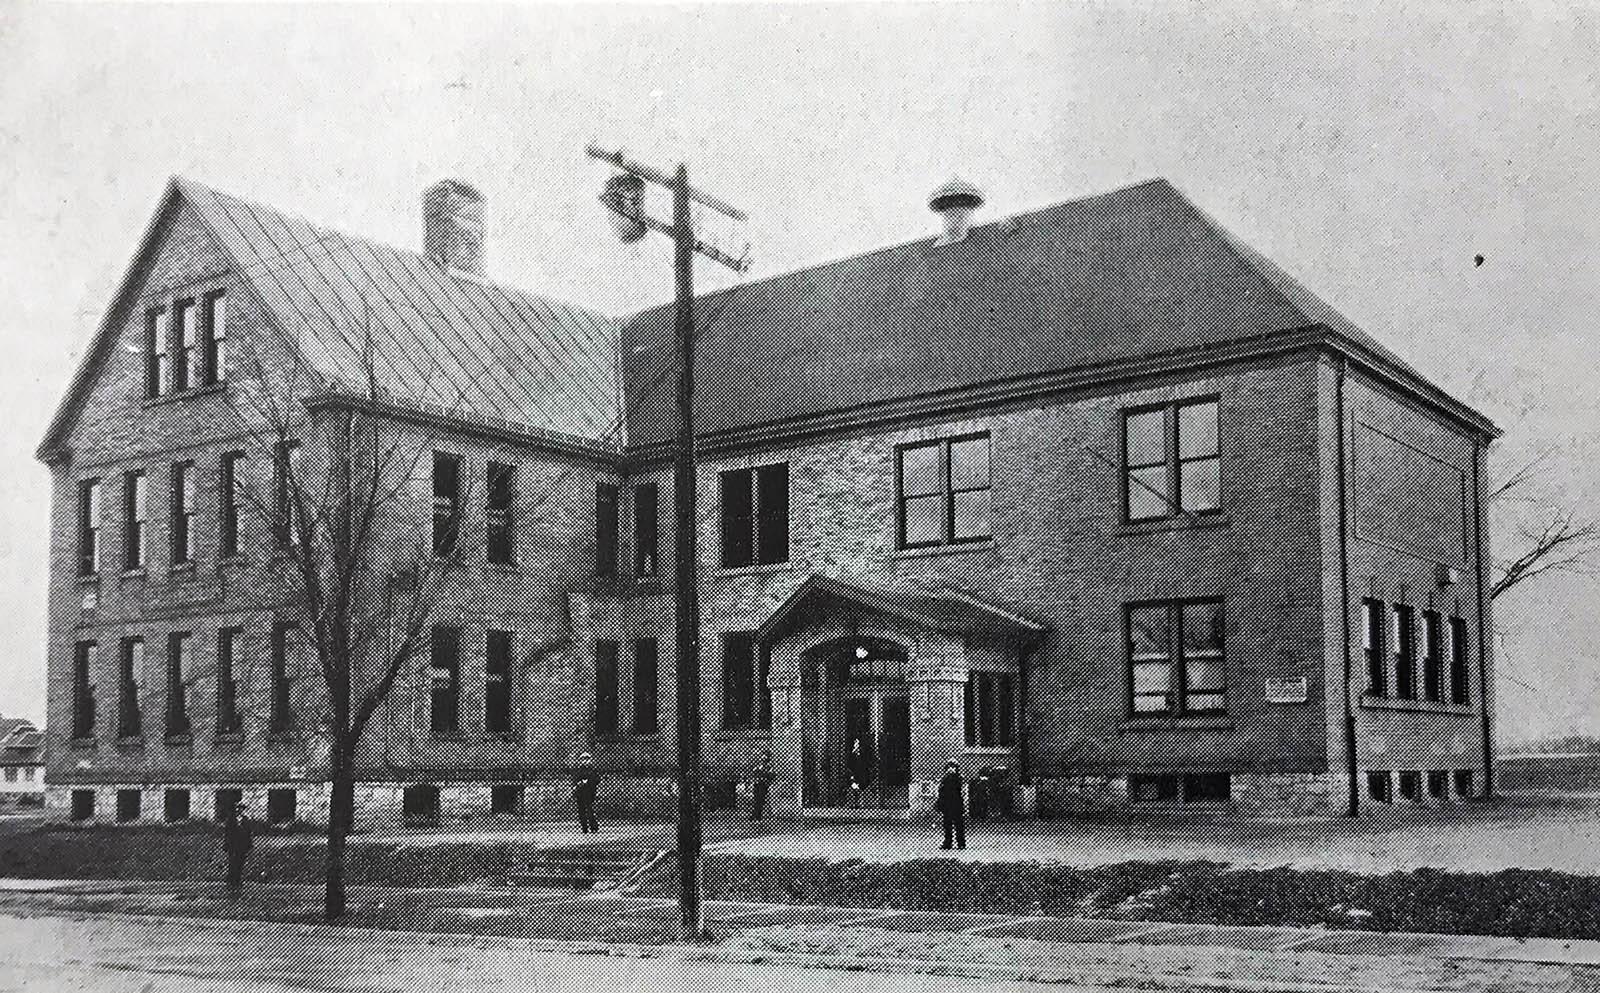 Humboldt Park School